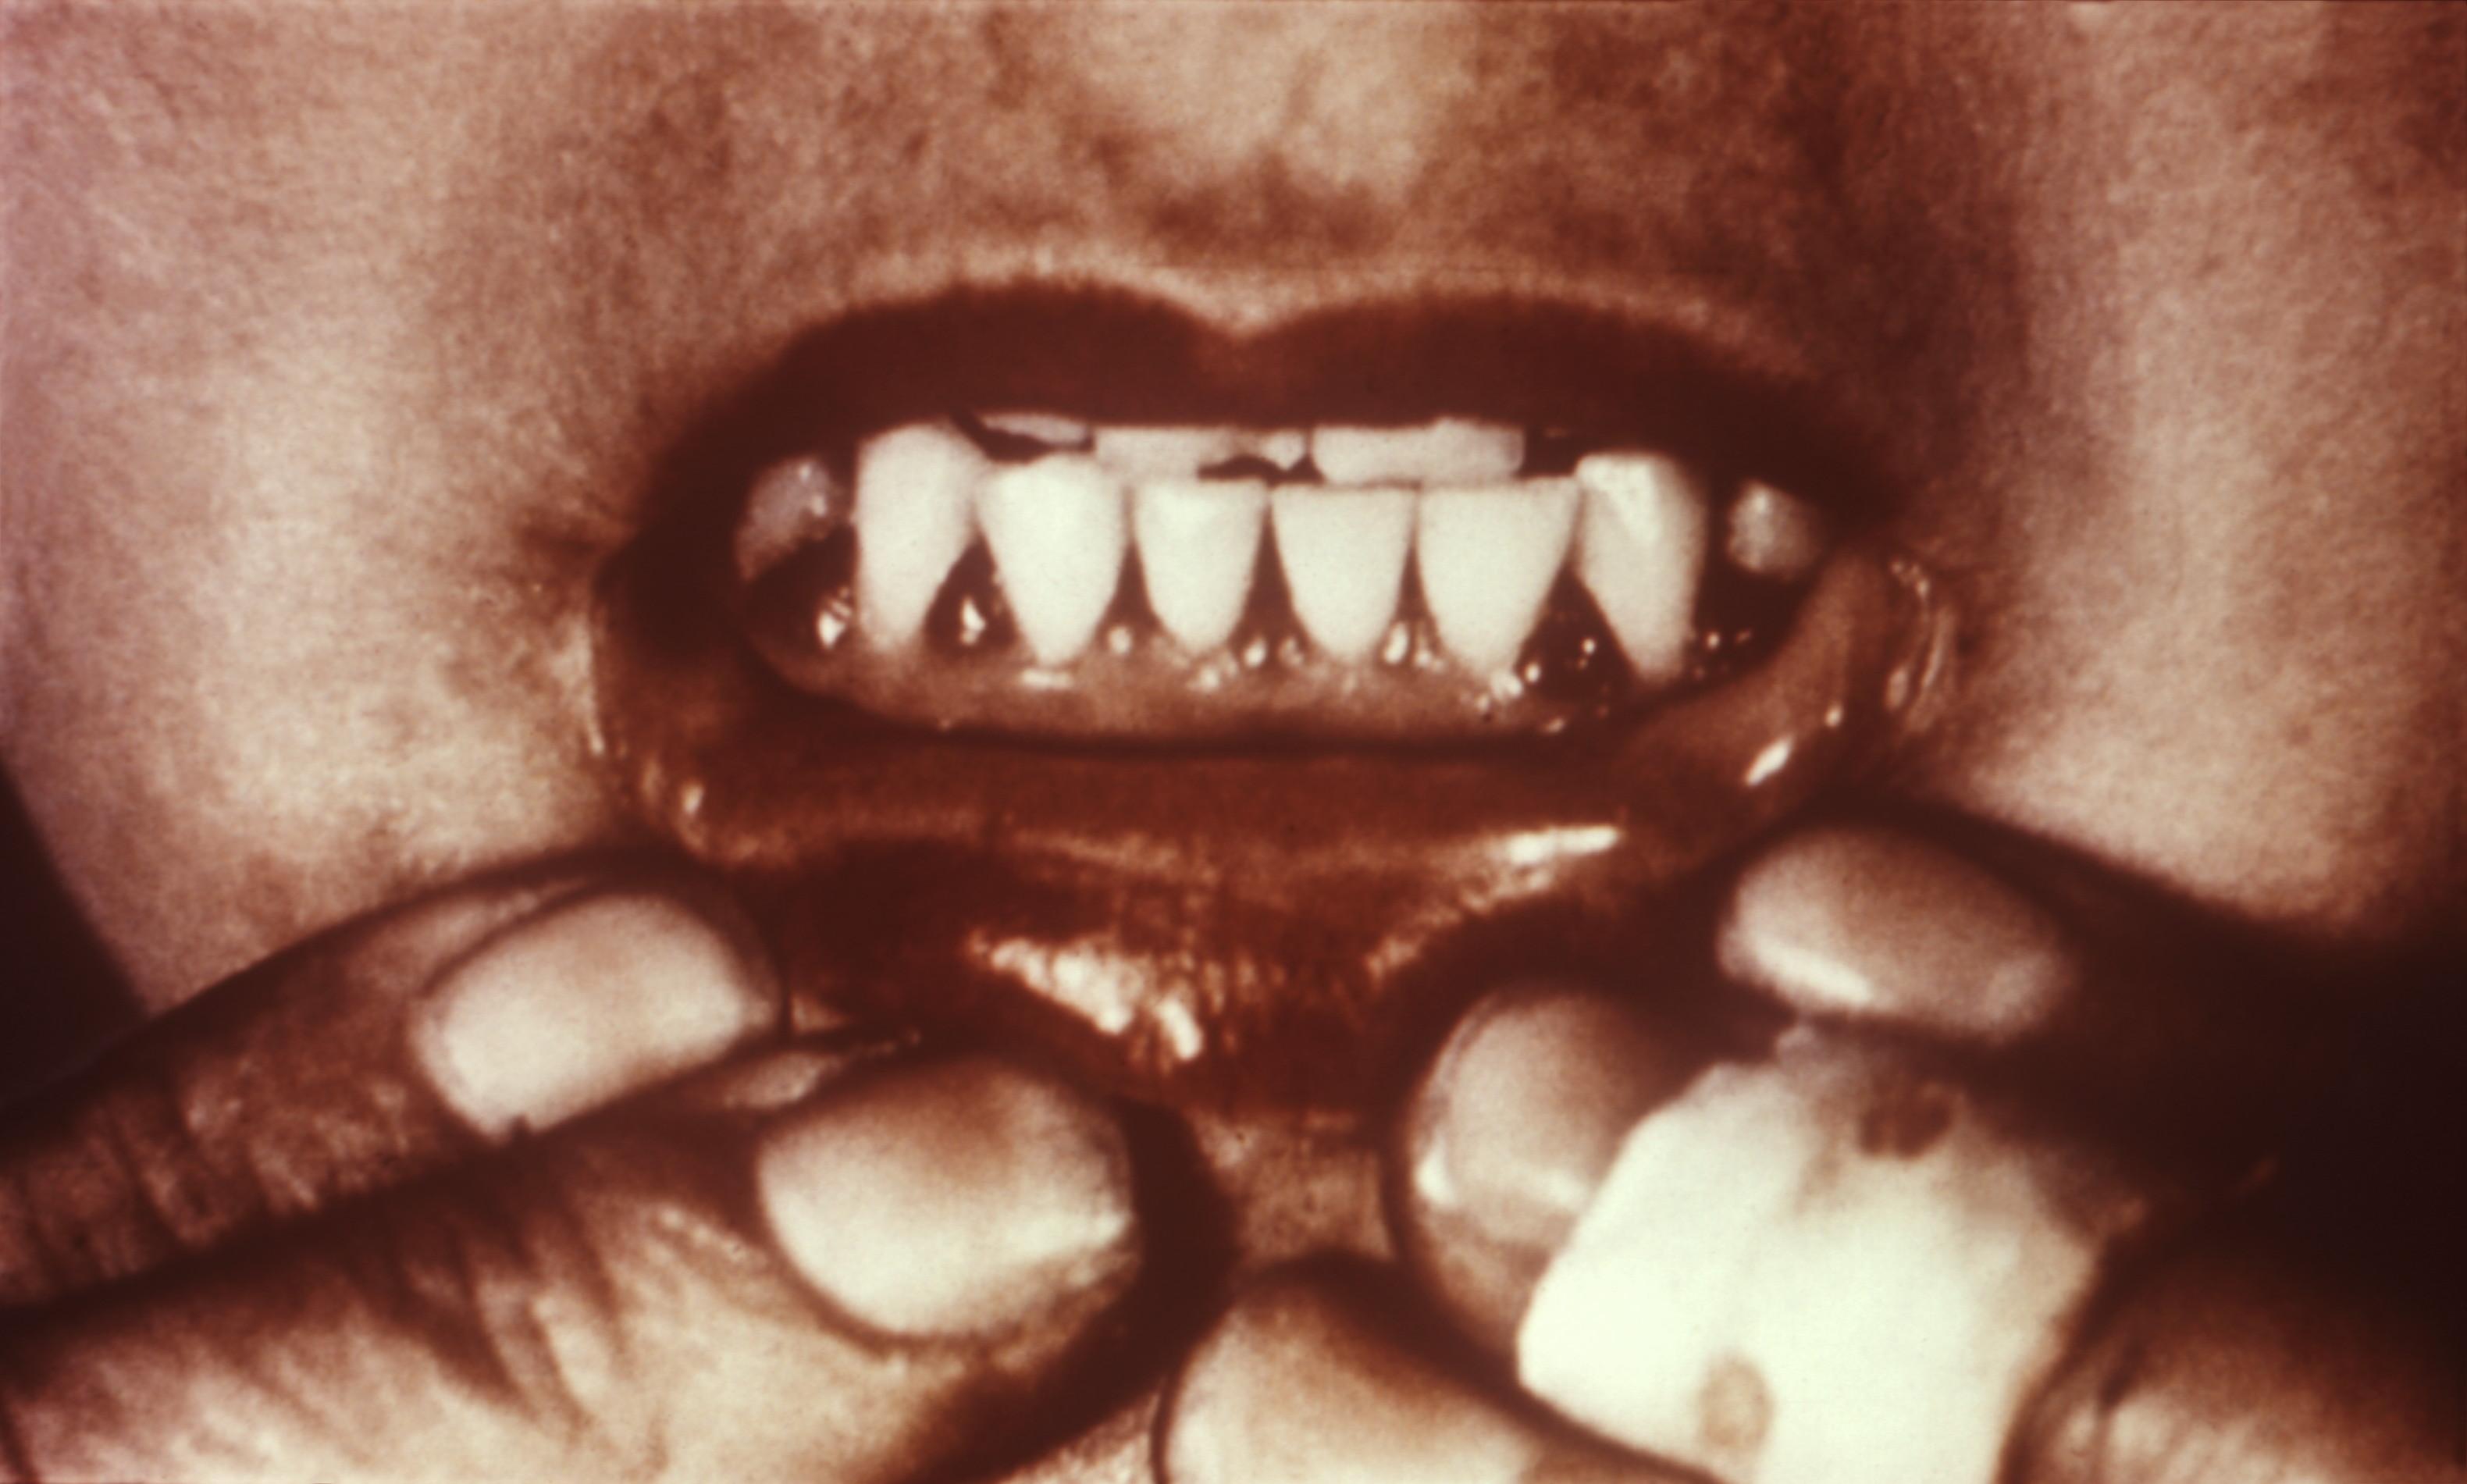 Zahnfleischbluten bei Skorbut. Bild: wikimedia.org/PD/ CDCP